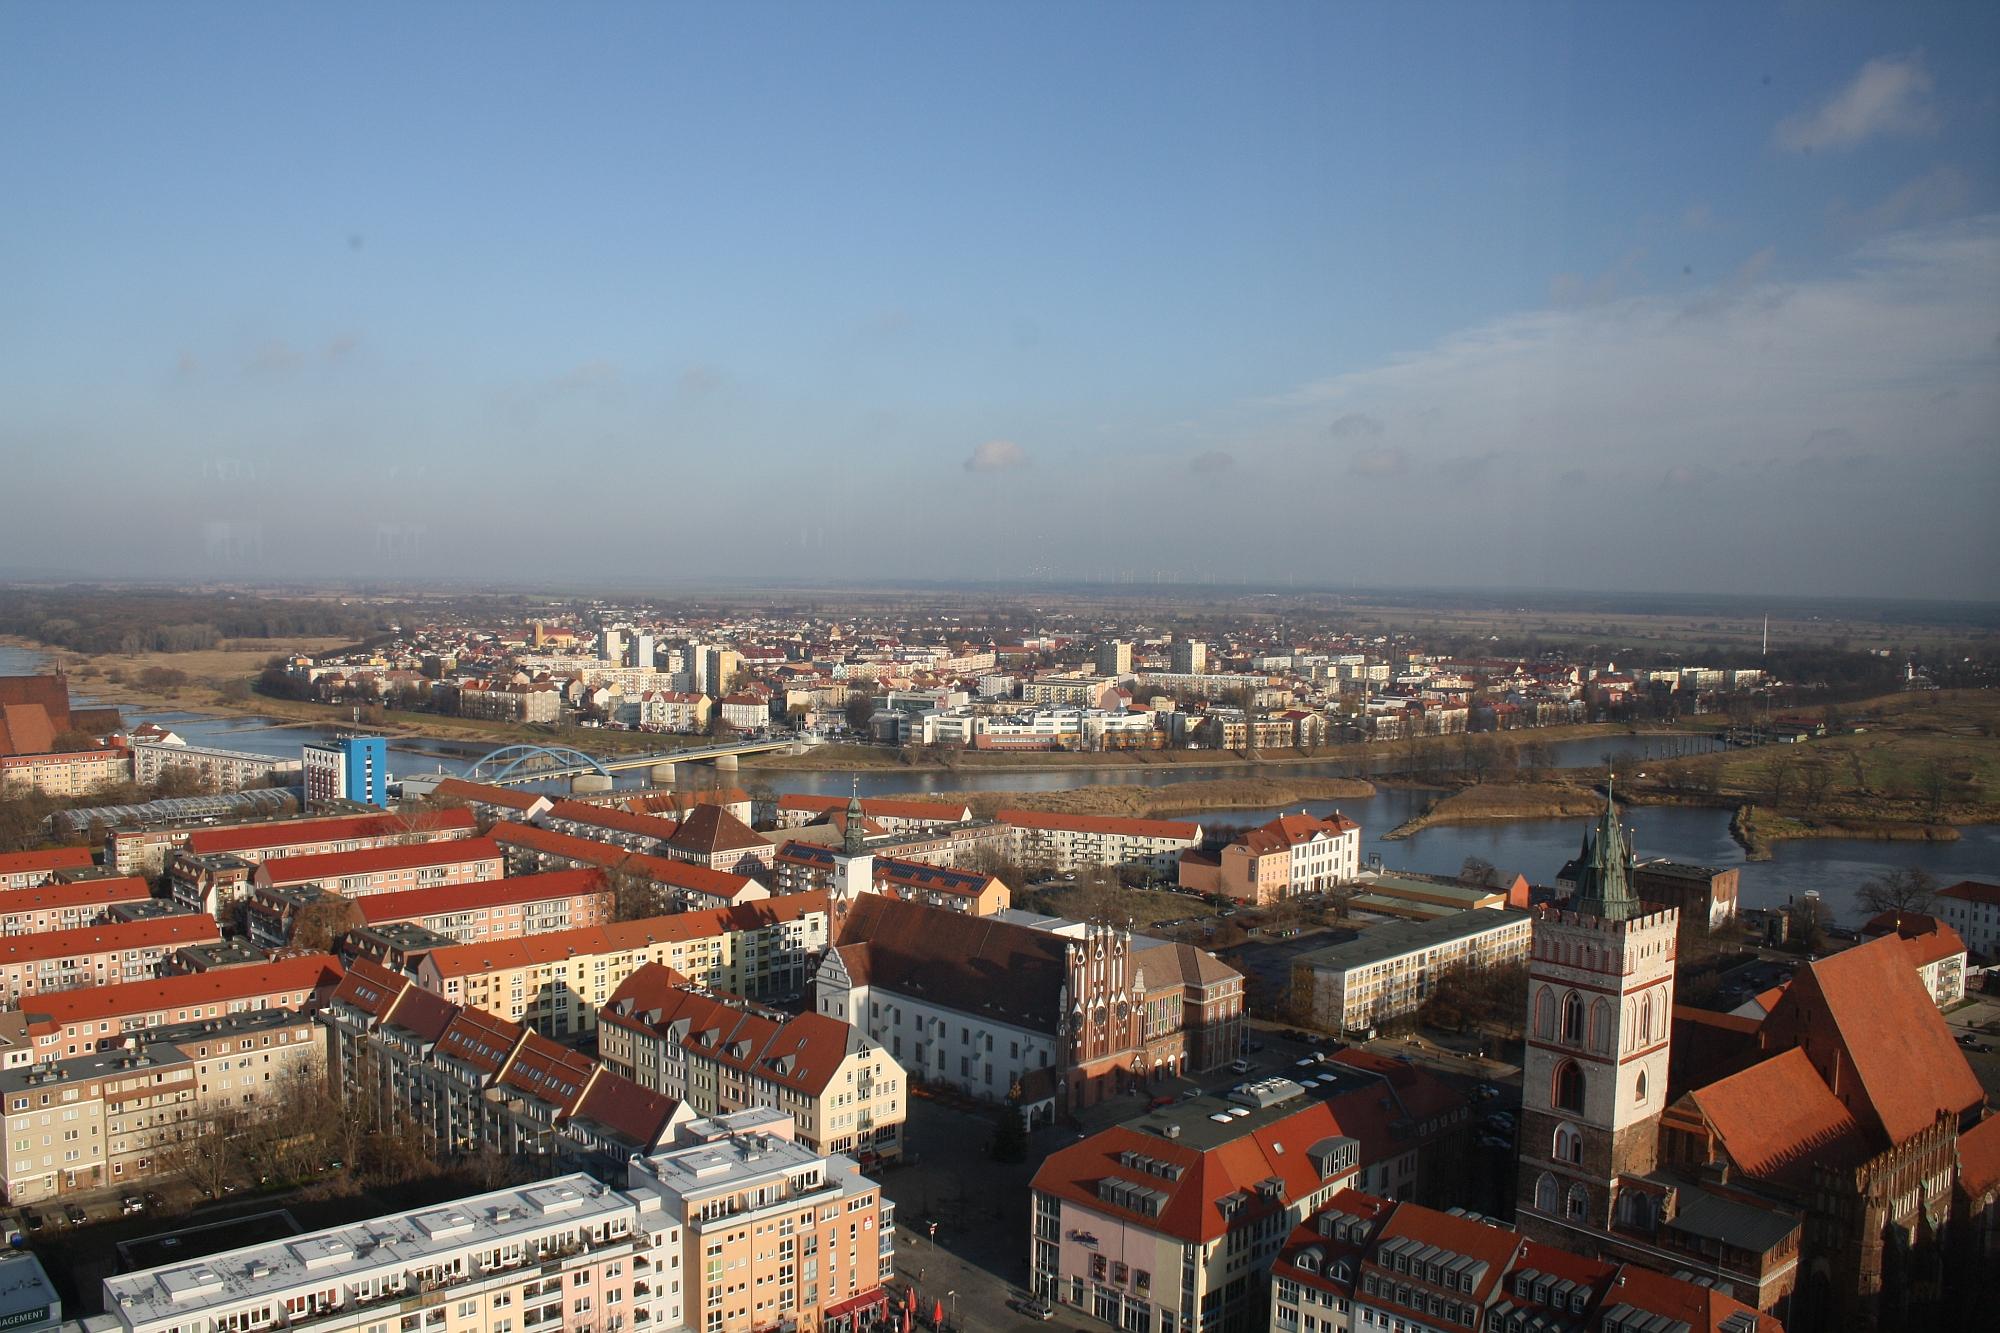 Foto: Frankfurt (Oder) und Słubice, vom Oderturm aus gesehen, © Stadt Frankfurt (Oder)